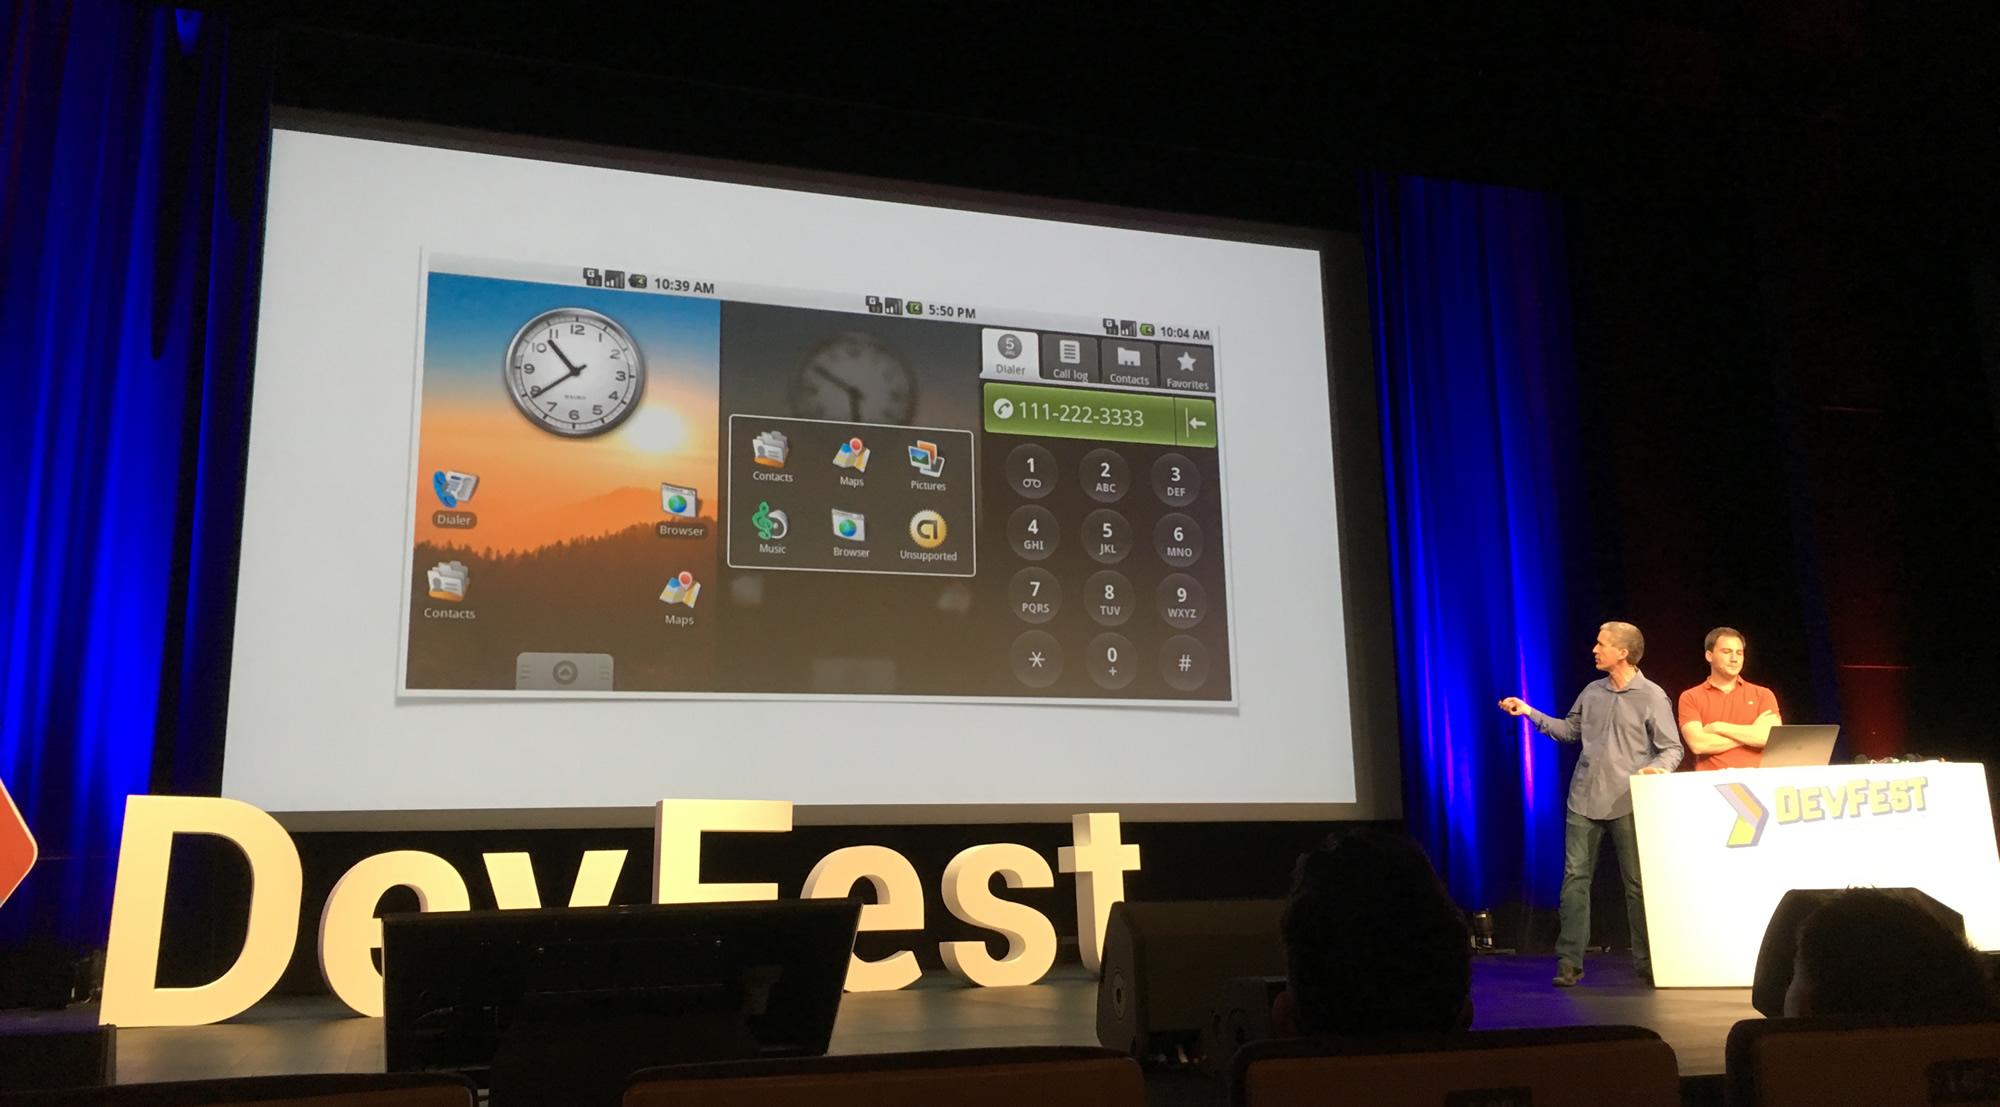 devfest-2017-android.jpg